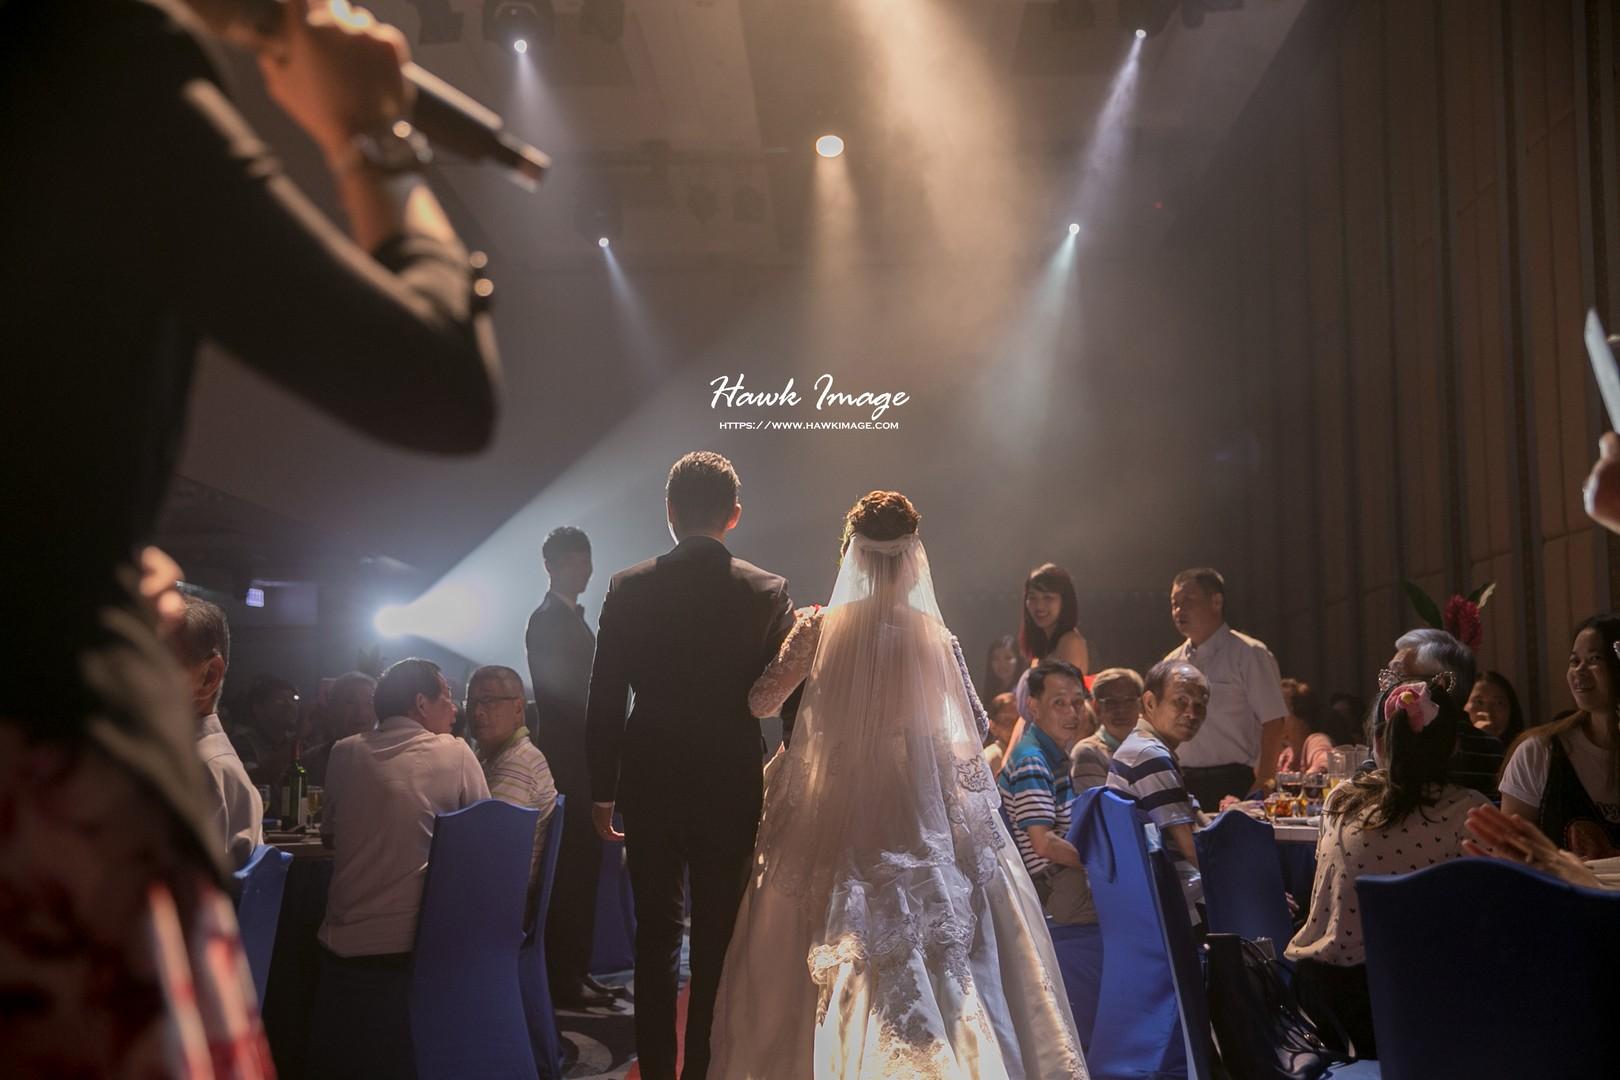 婚紗攝影工作室 - Hawk [婚攝] 結婚宴客by婚攝浩克Hawk